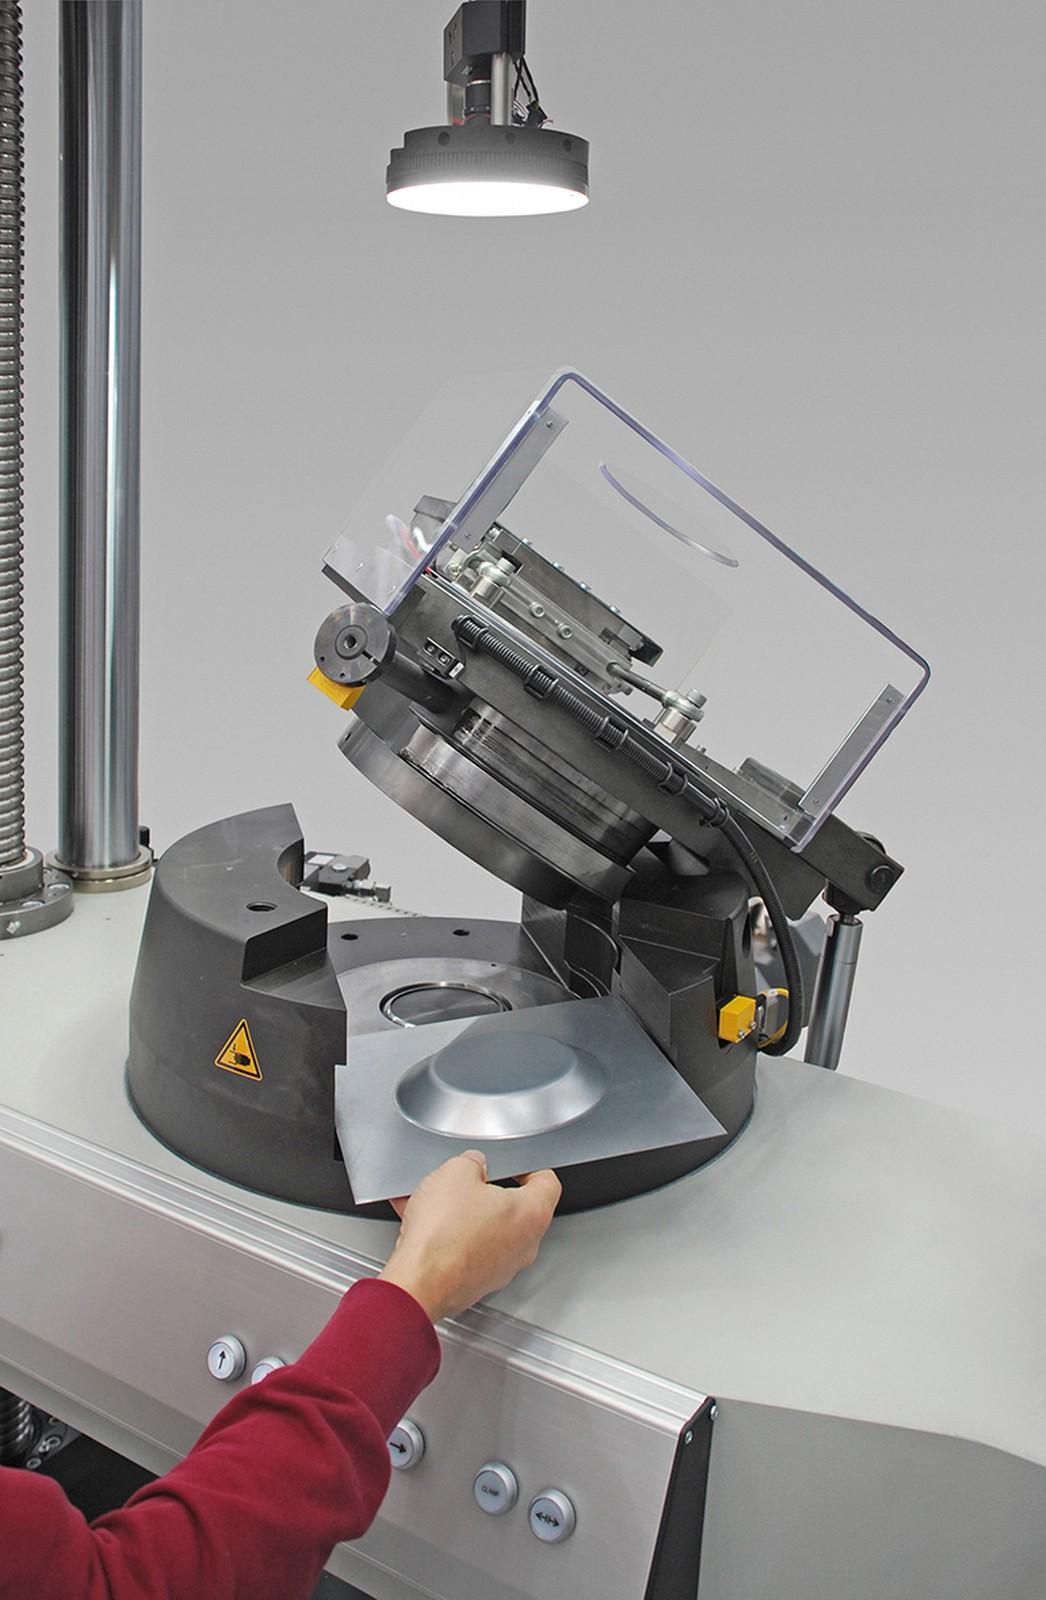 Die Tiefzieh-Prüfeinrichtung von Zwick Roell ist für unterschiedliche Verfahren ausgelegt und wird auf der Fahrtraverse einer statischen Materialprüfmaschine montiert. Das Prüfsystem ist bei Voestalpine bereits produktions-begleitend im Einsatz.